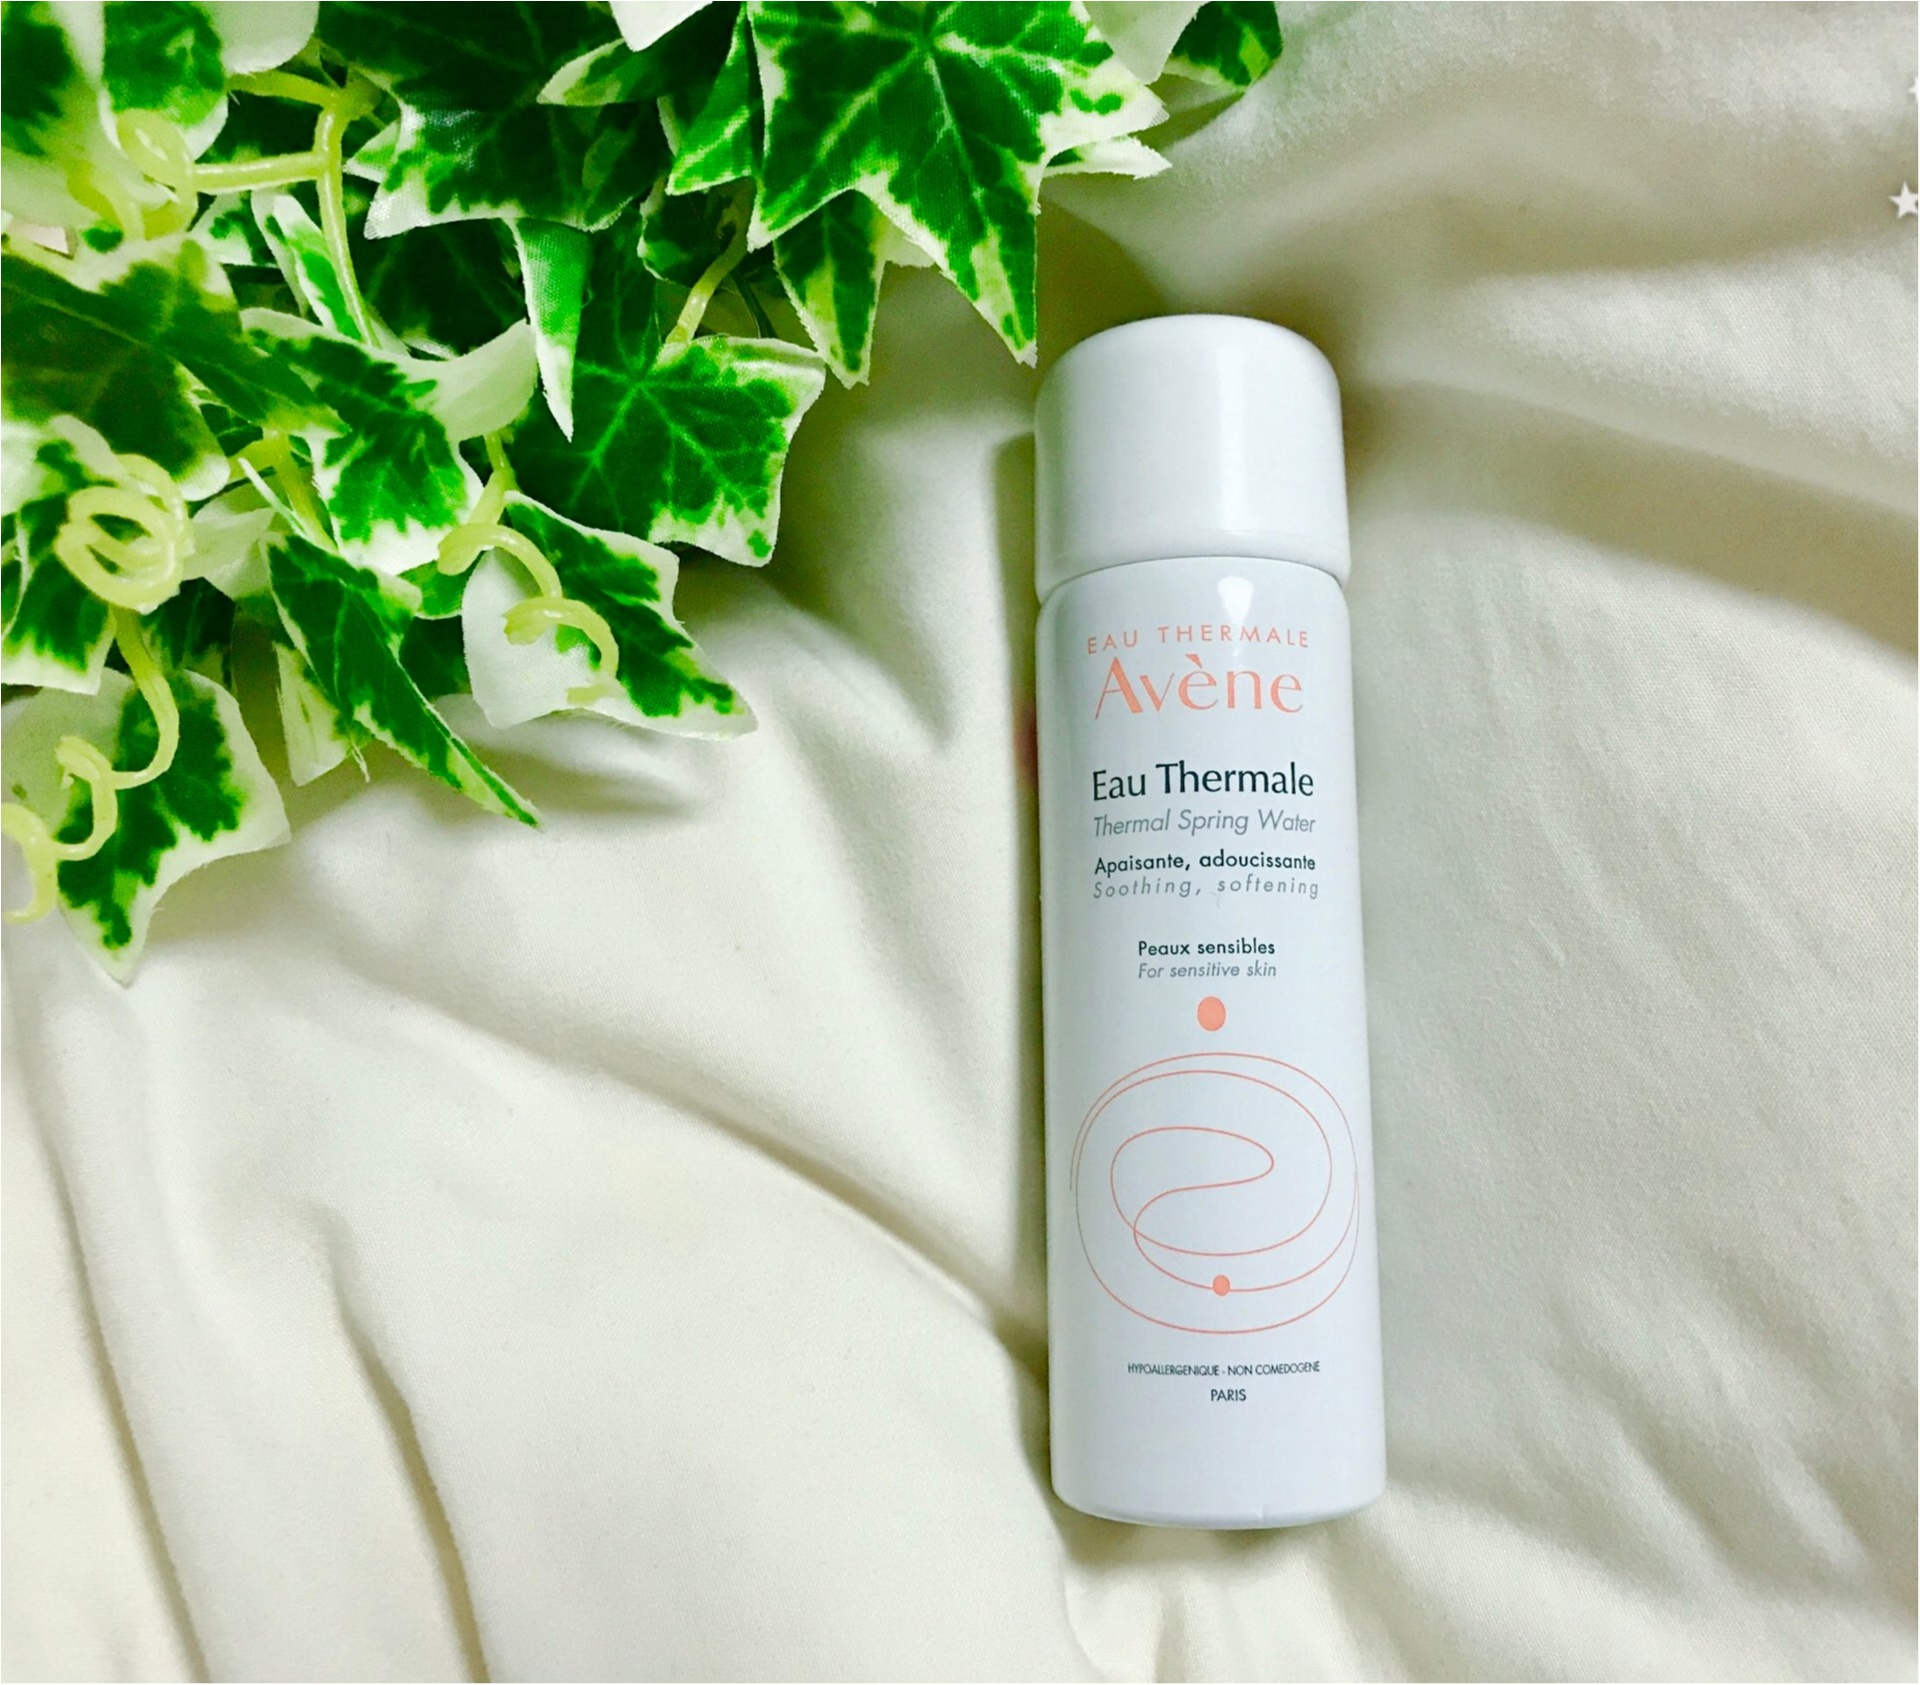 プチプラ化粧水特集 - 乾燥、ニキビ、美白などにおすすめの高コスパな化粧水まとめ_15